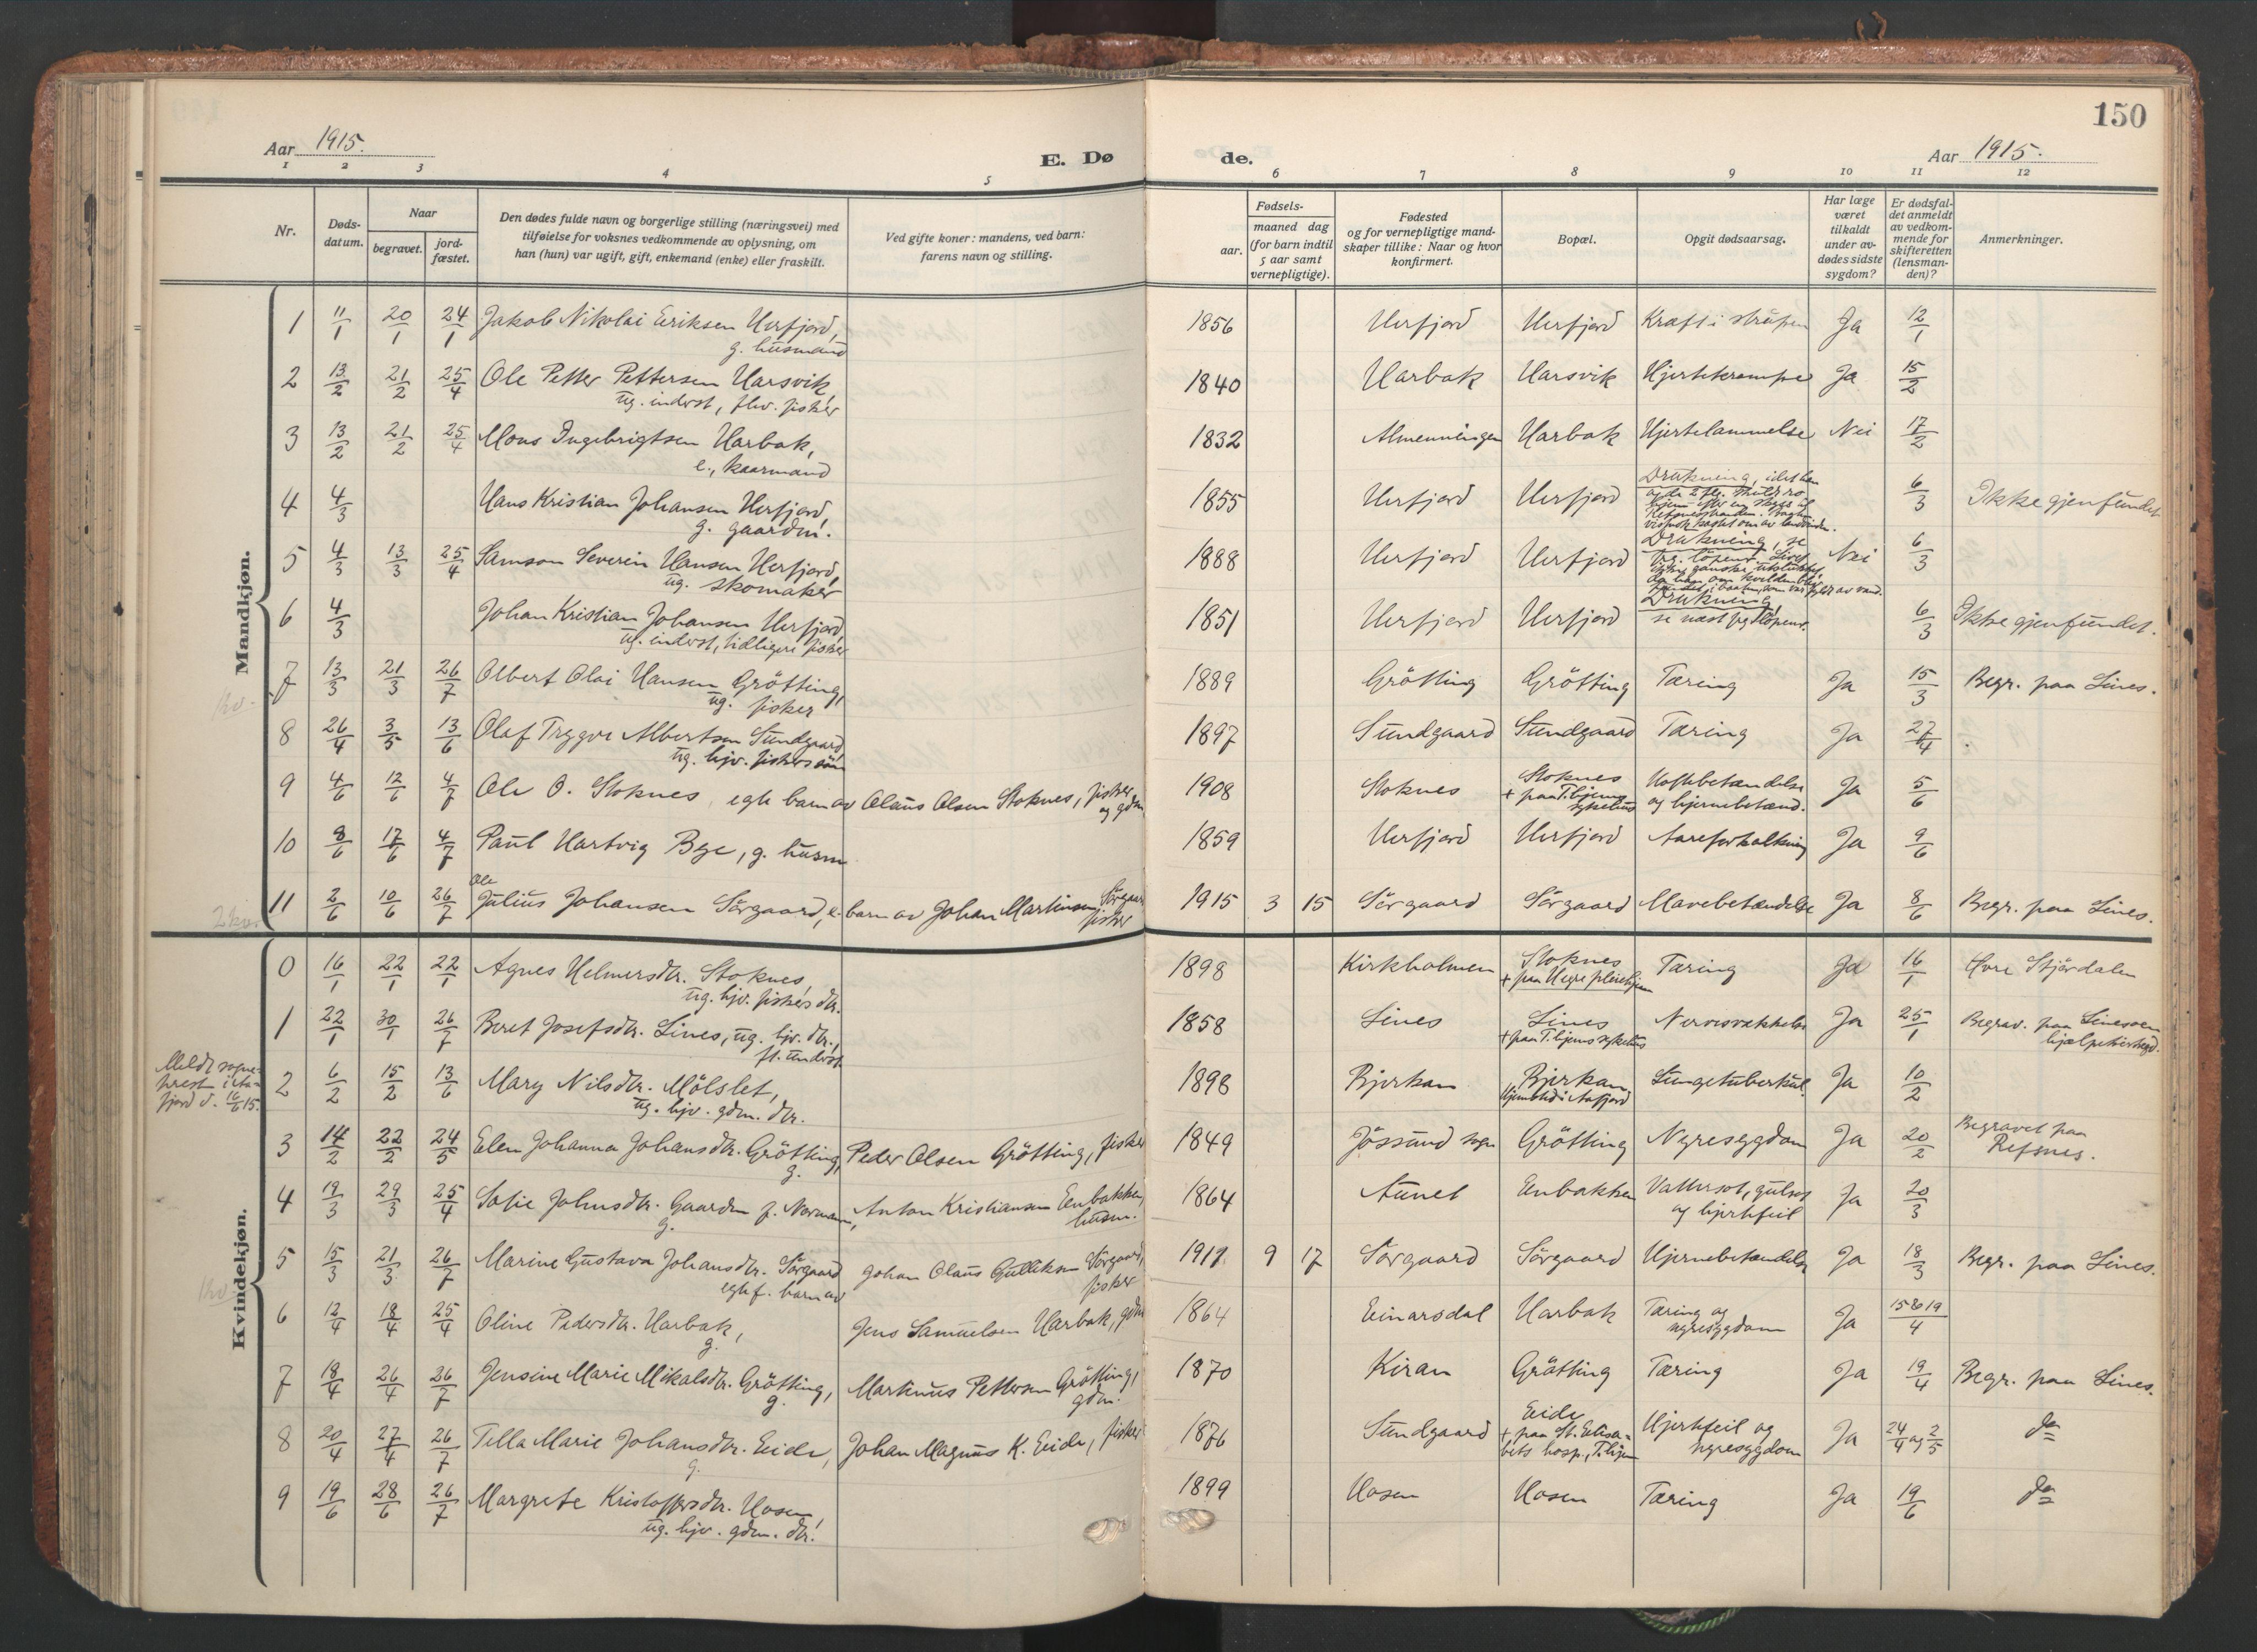 SAT, Ministerialprotokoller, klokkerbøker og fødselsregistre - Sør-Trøndelag, 656/L0694: Ministerialbok nr. 656A03, 1914-1931, s. 150